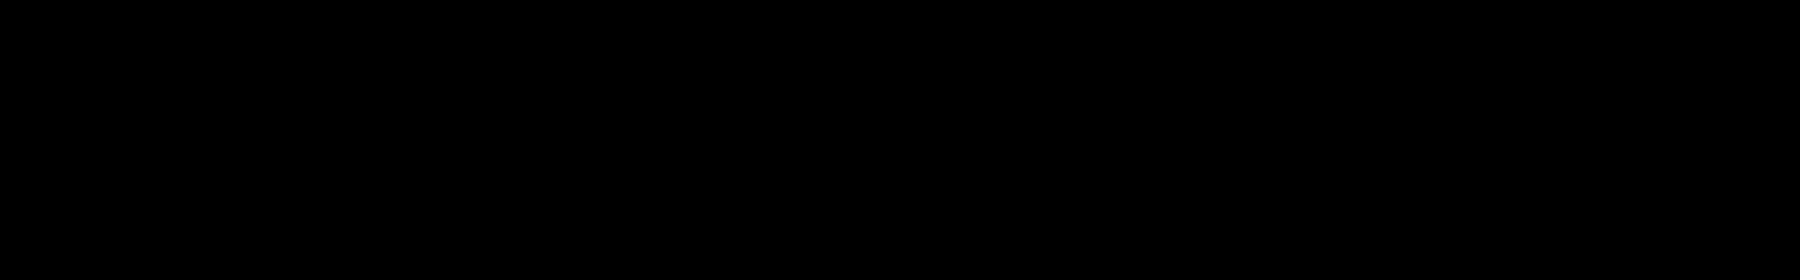 Drumsound and Bassline Smith Technique Essential Presets audio waveform